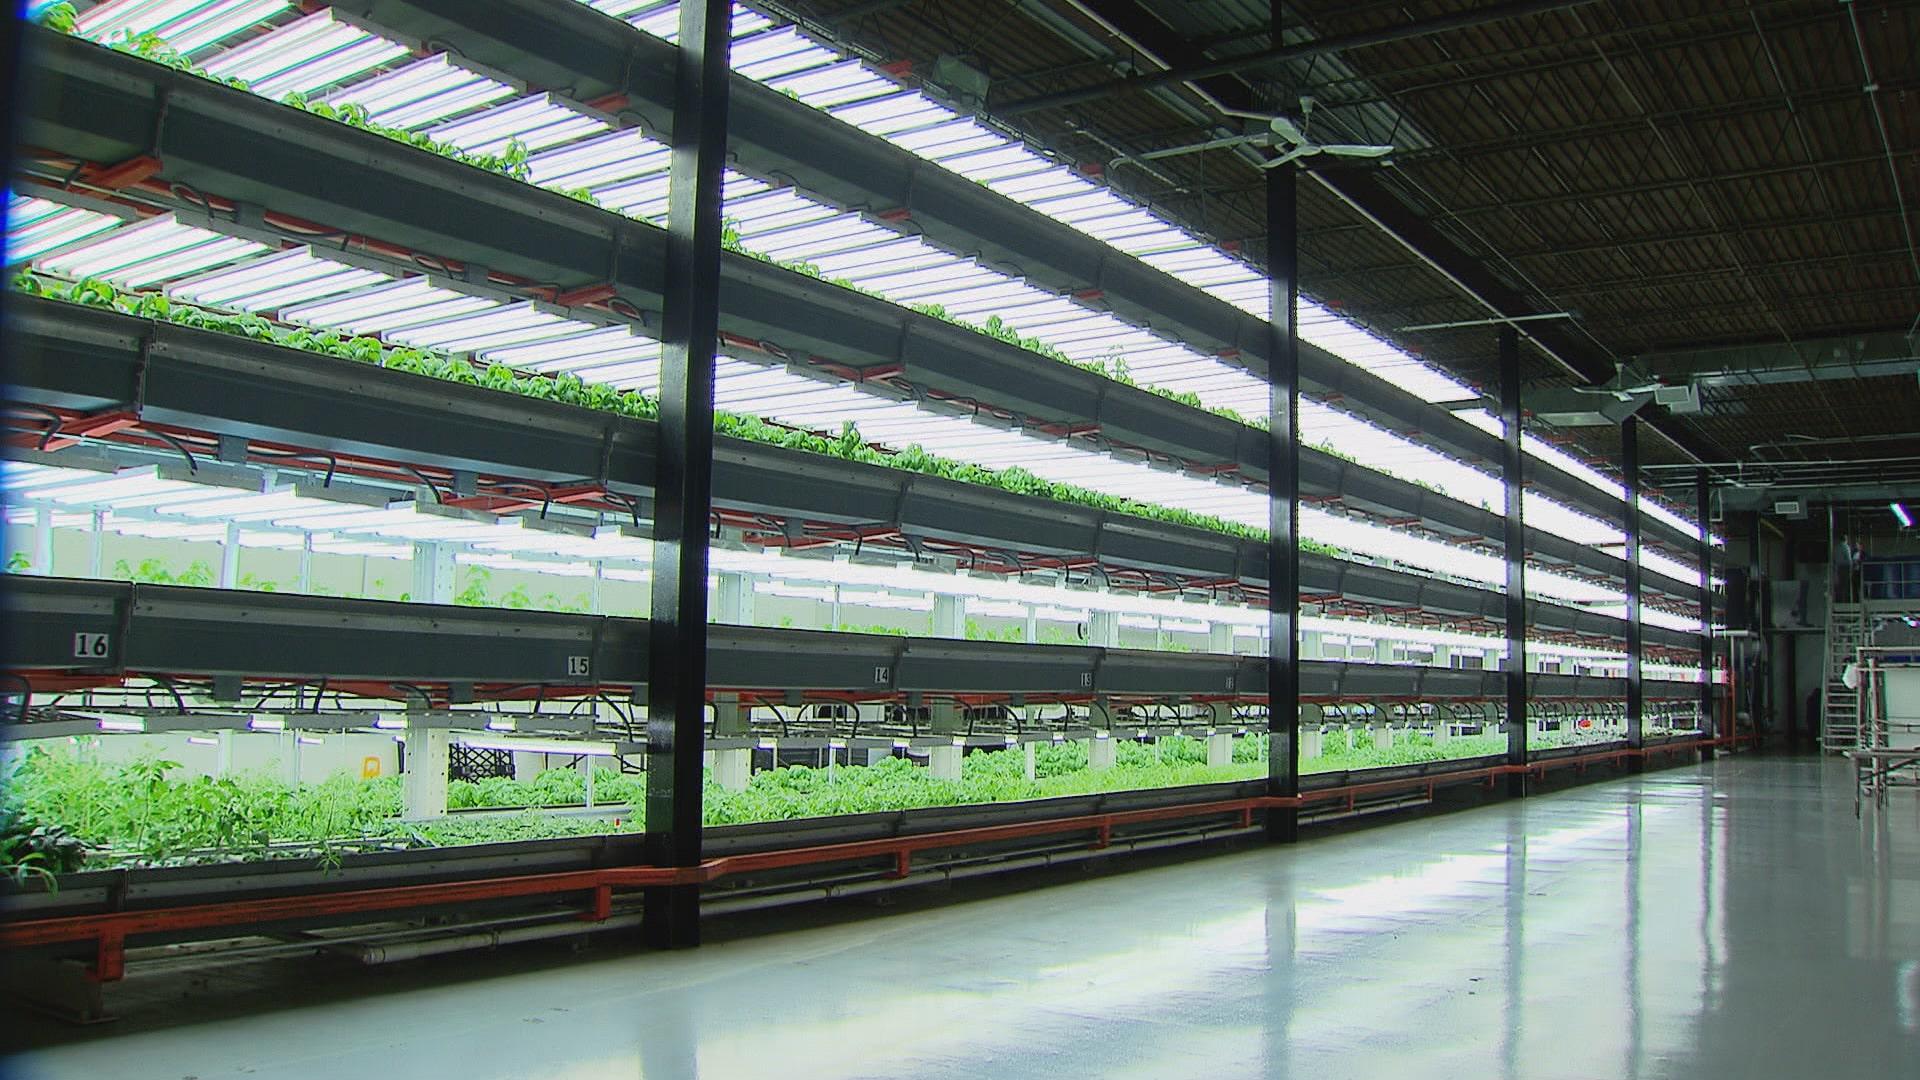 Dikey tarım yapılan bir tesis.